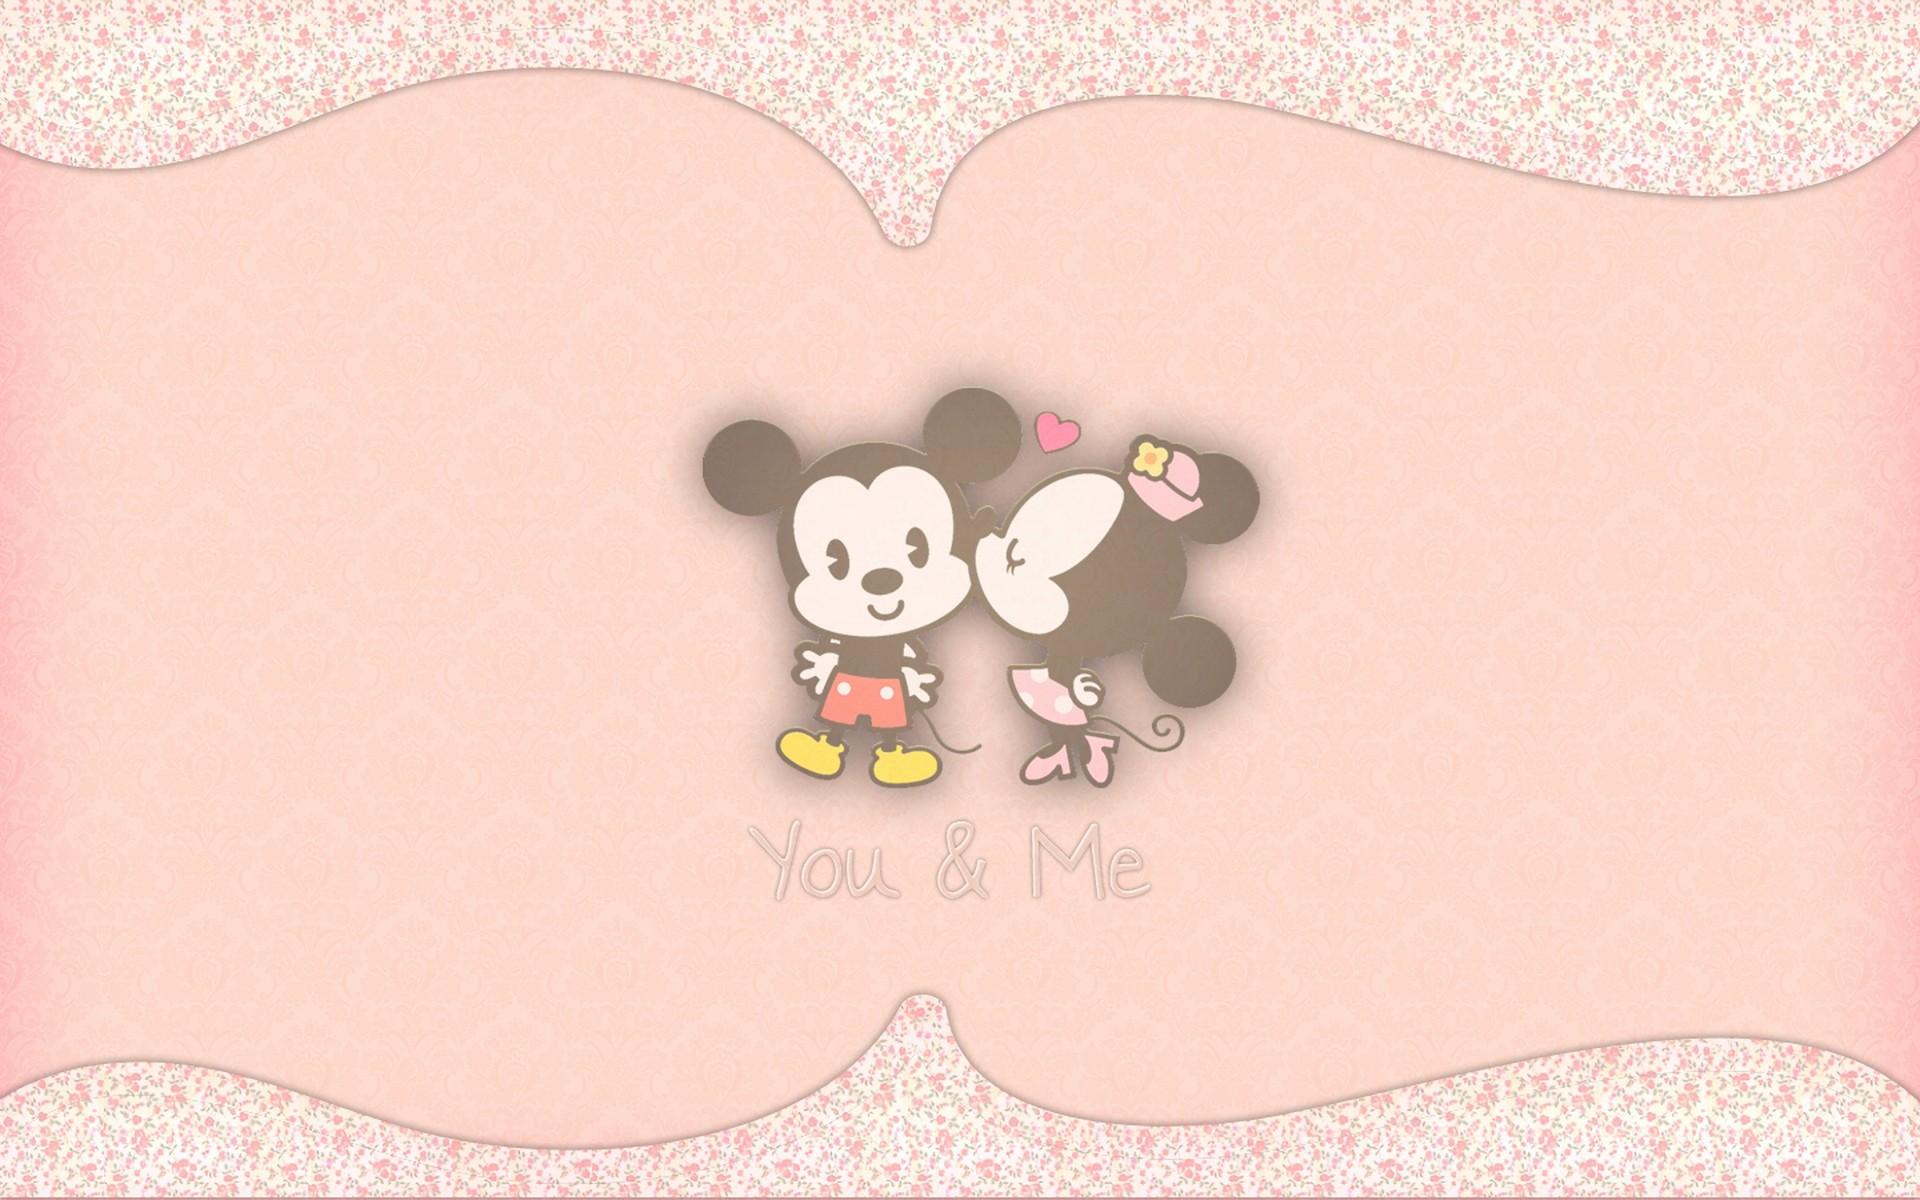 デスクトップ壁紙 お絵かき 図 ミッキーマウス 愛 ハート